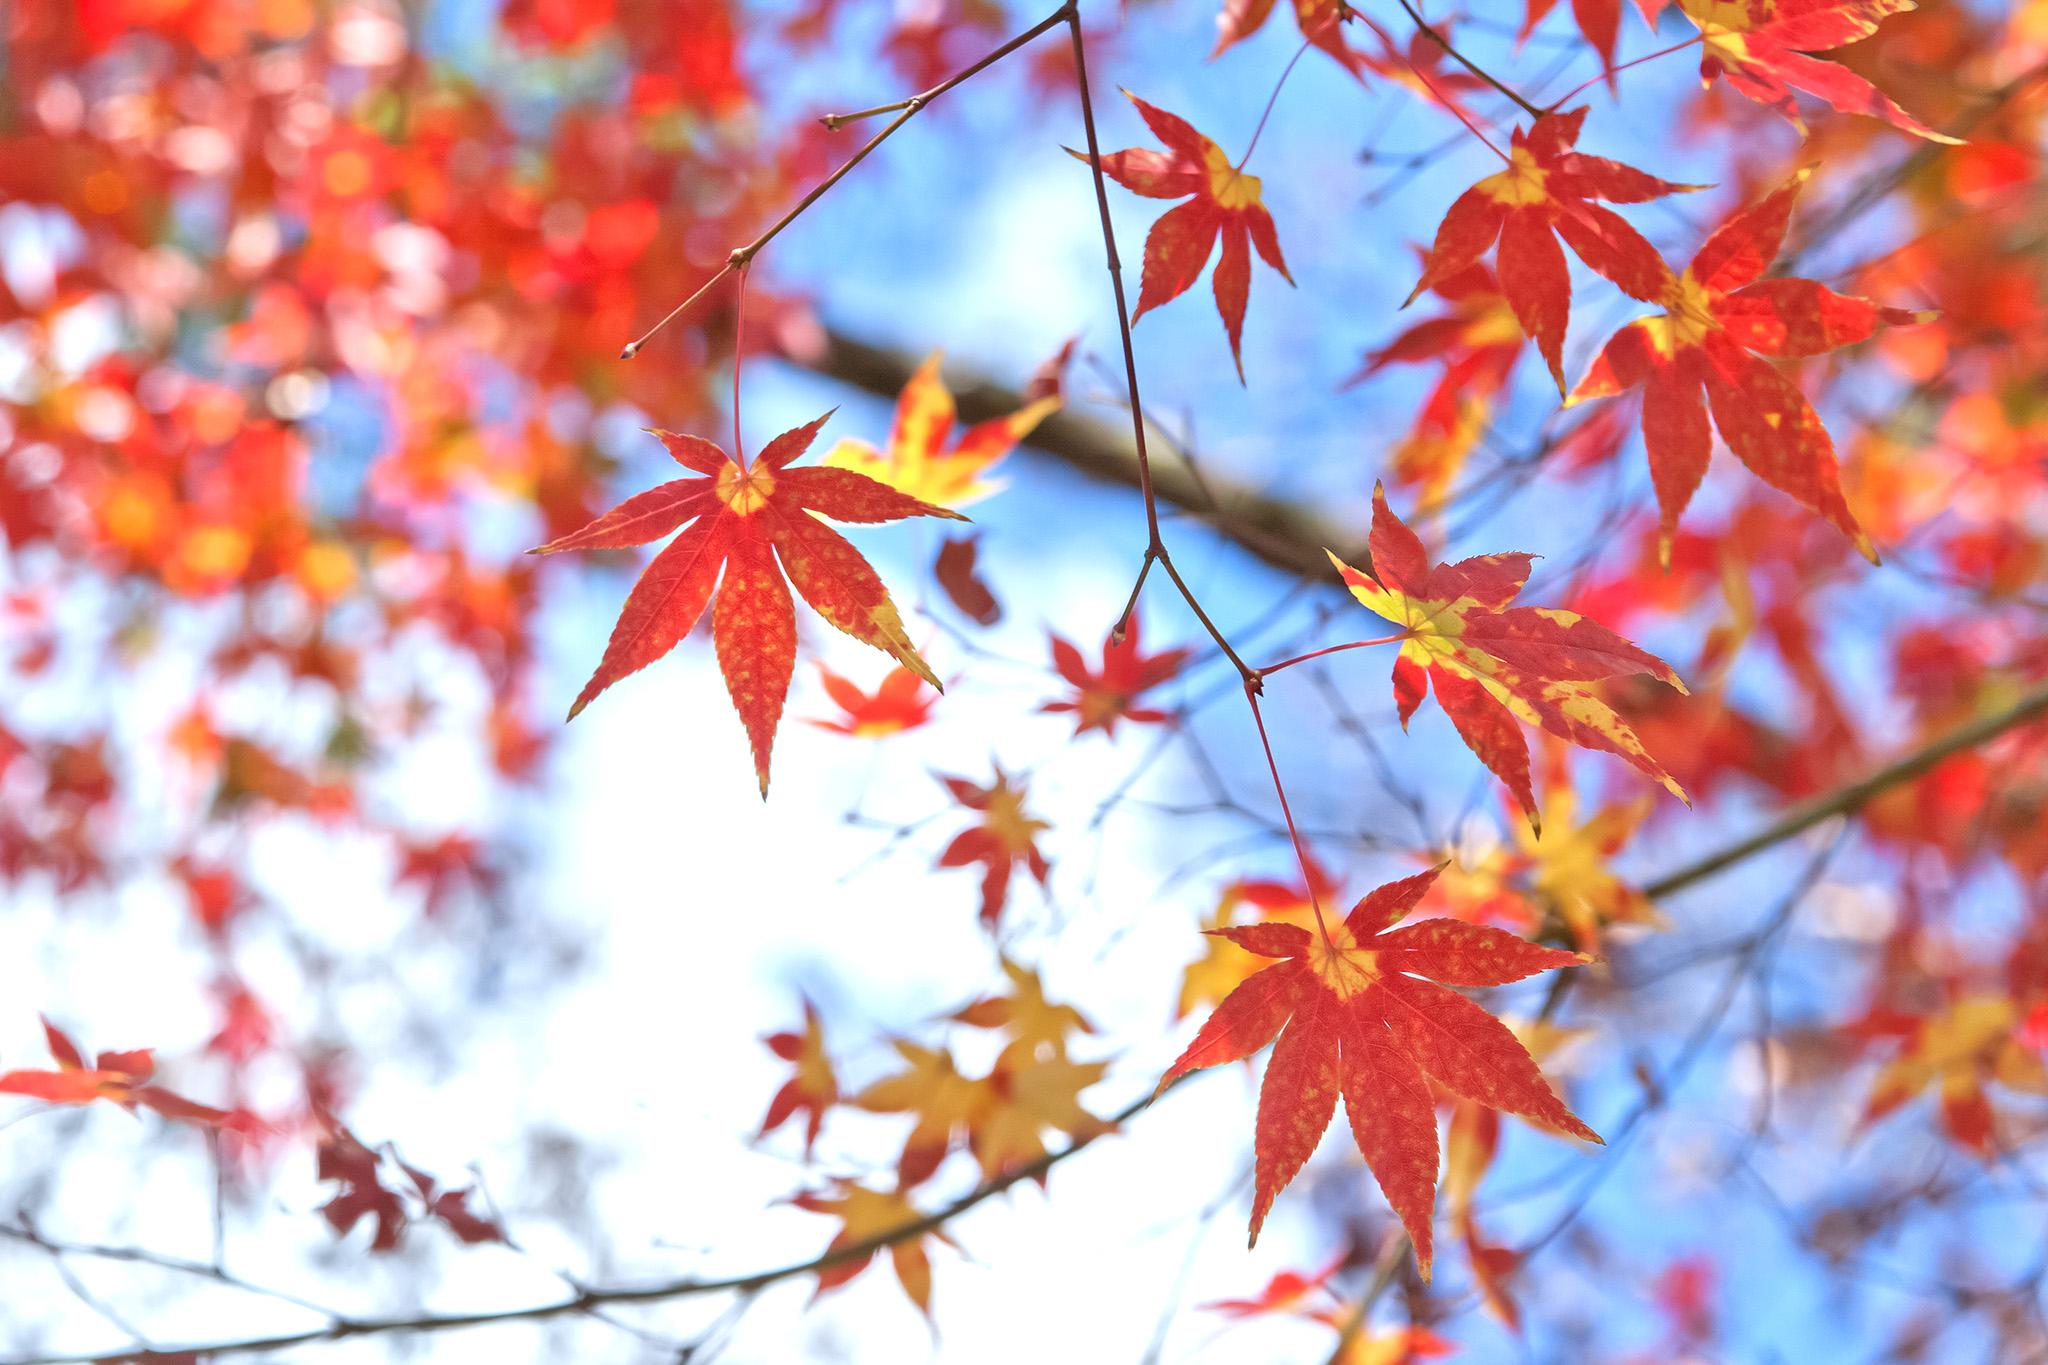 「秋の澄んだ空に映える紅葉」